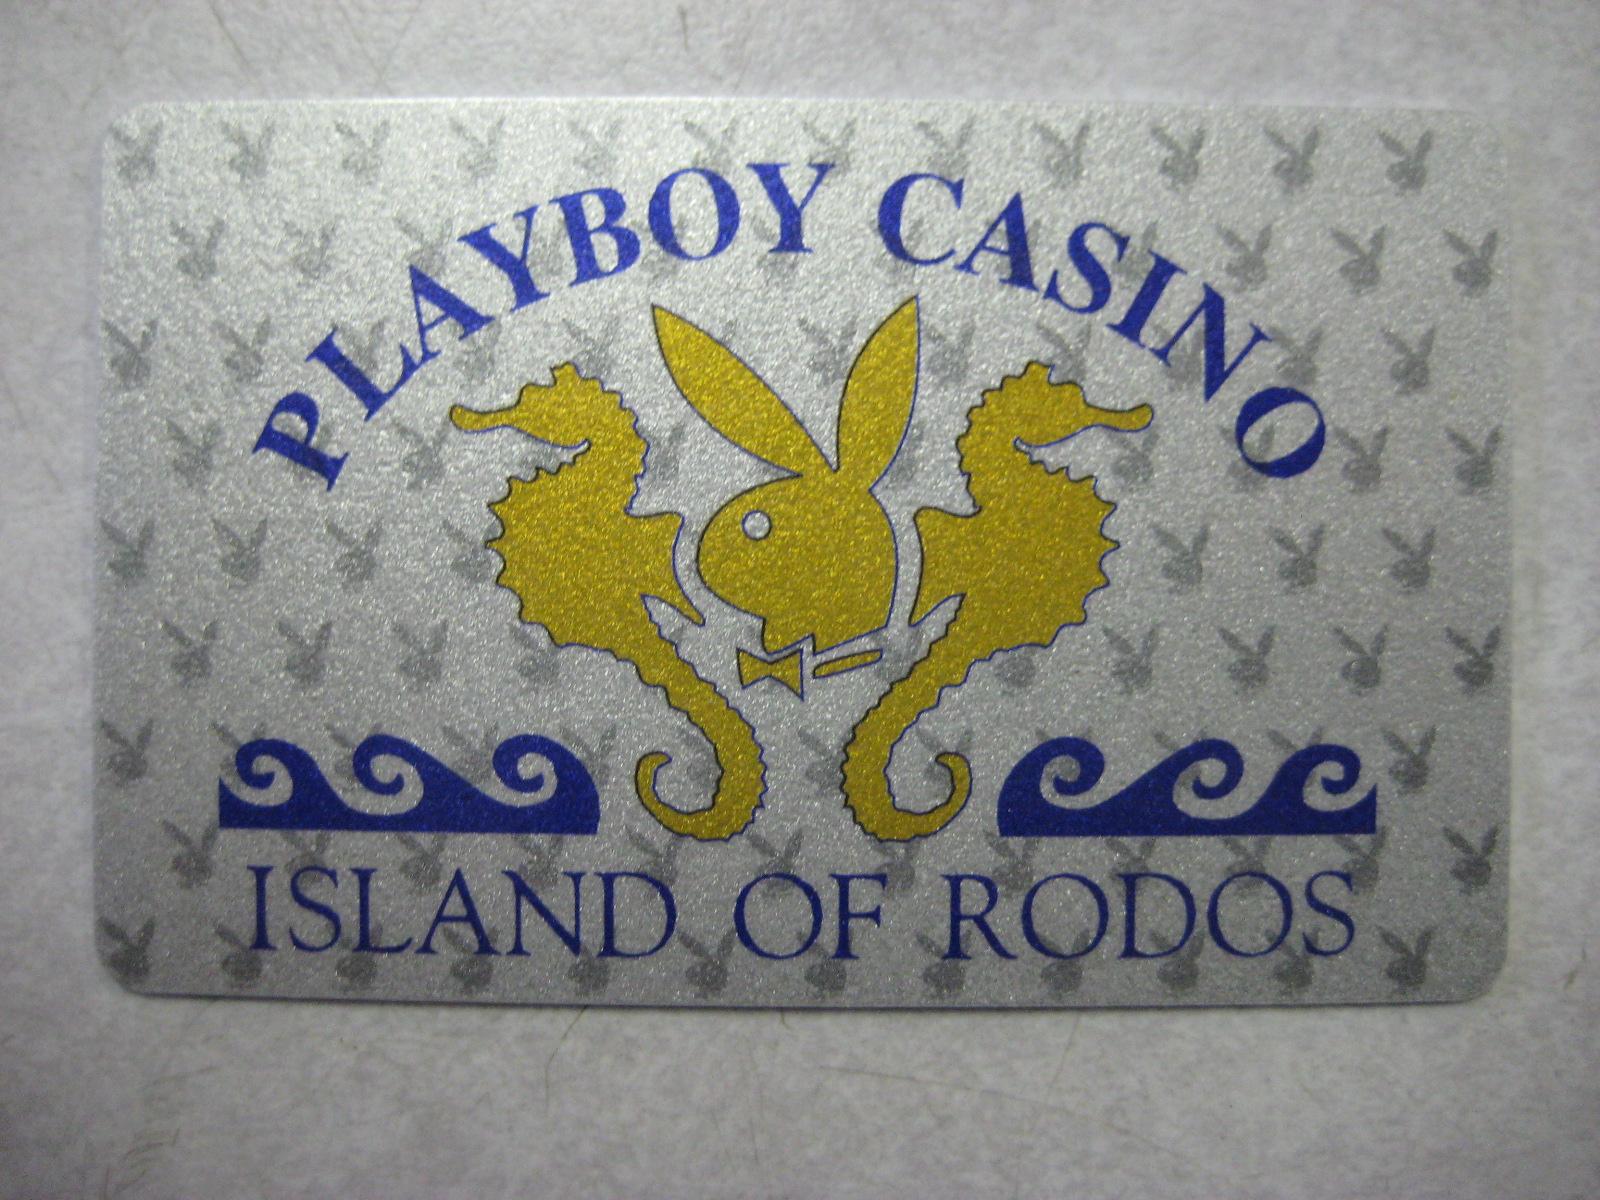 Playboy Casino Rodos Slot Card